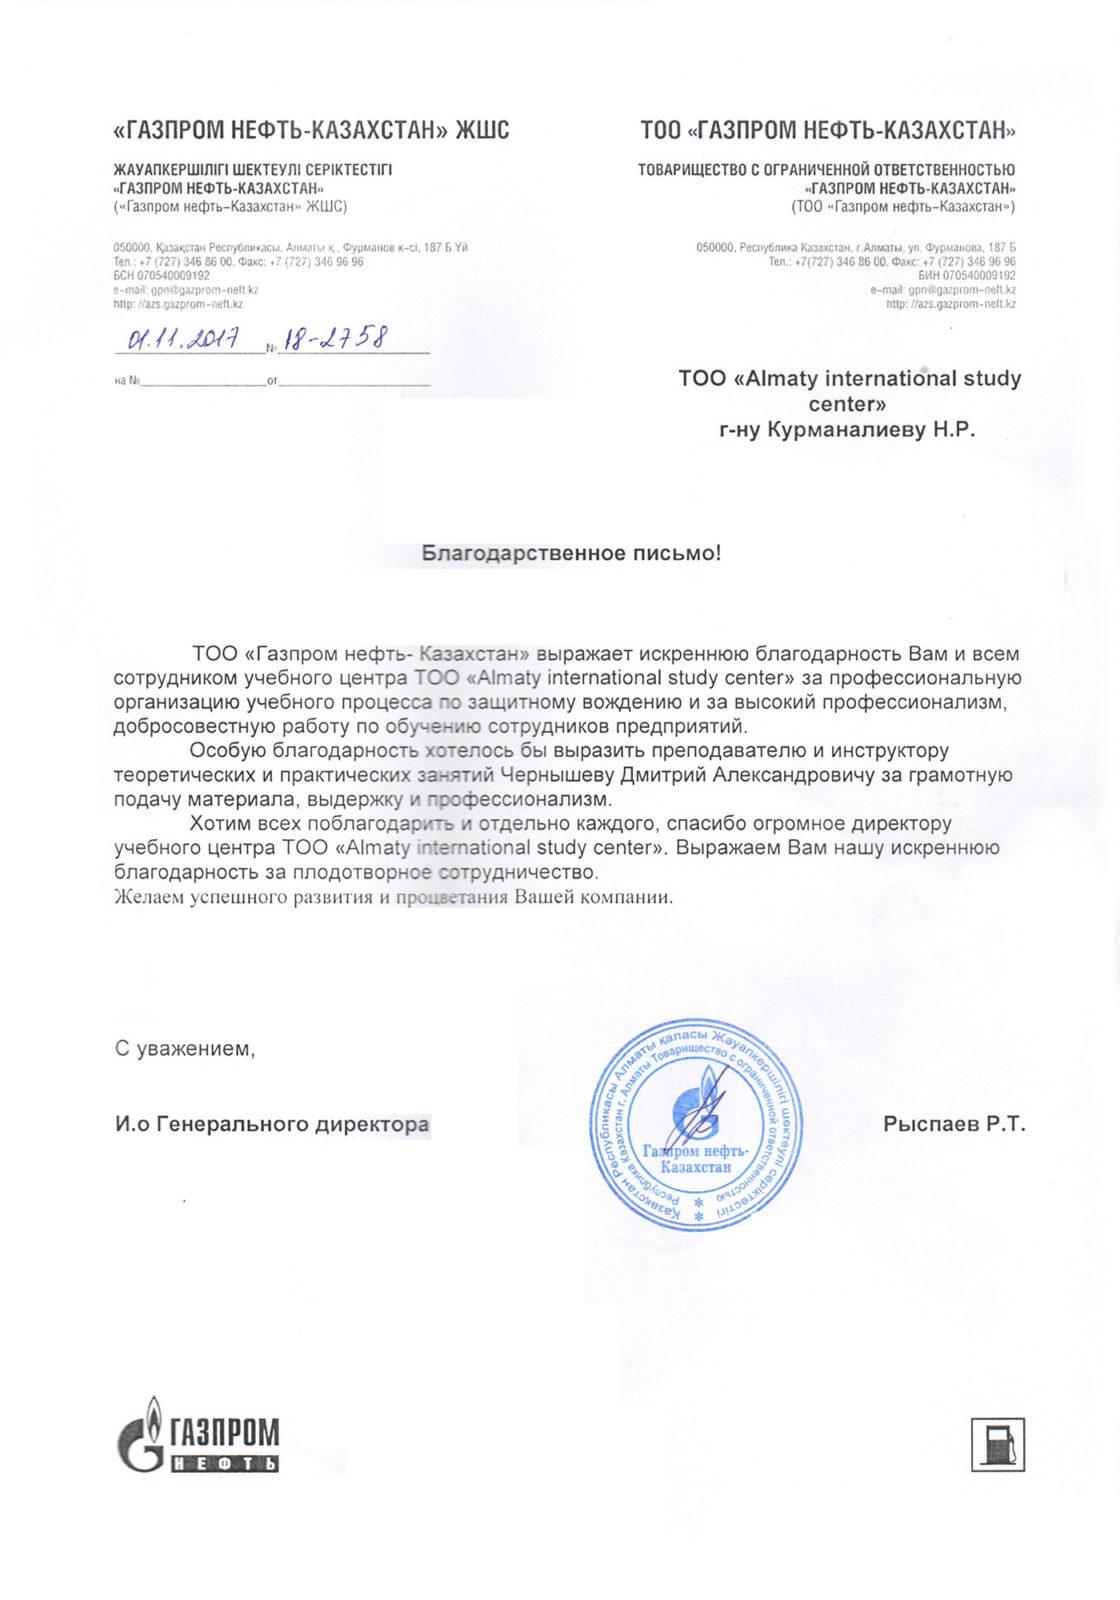 ТОО «Газпром нефть-Казахстан»